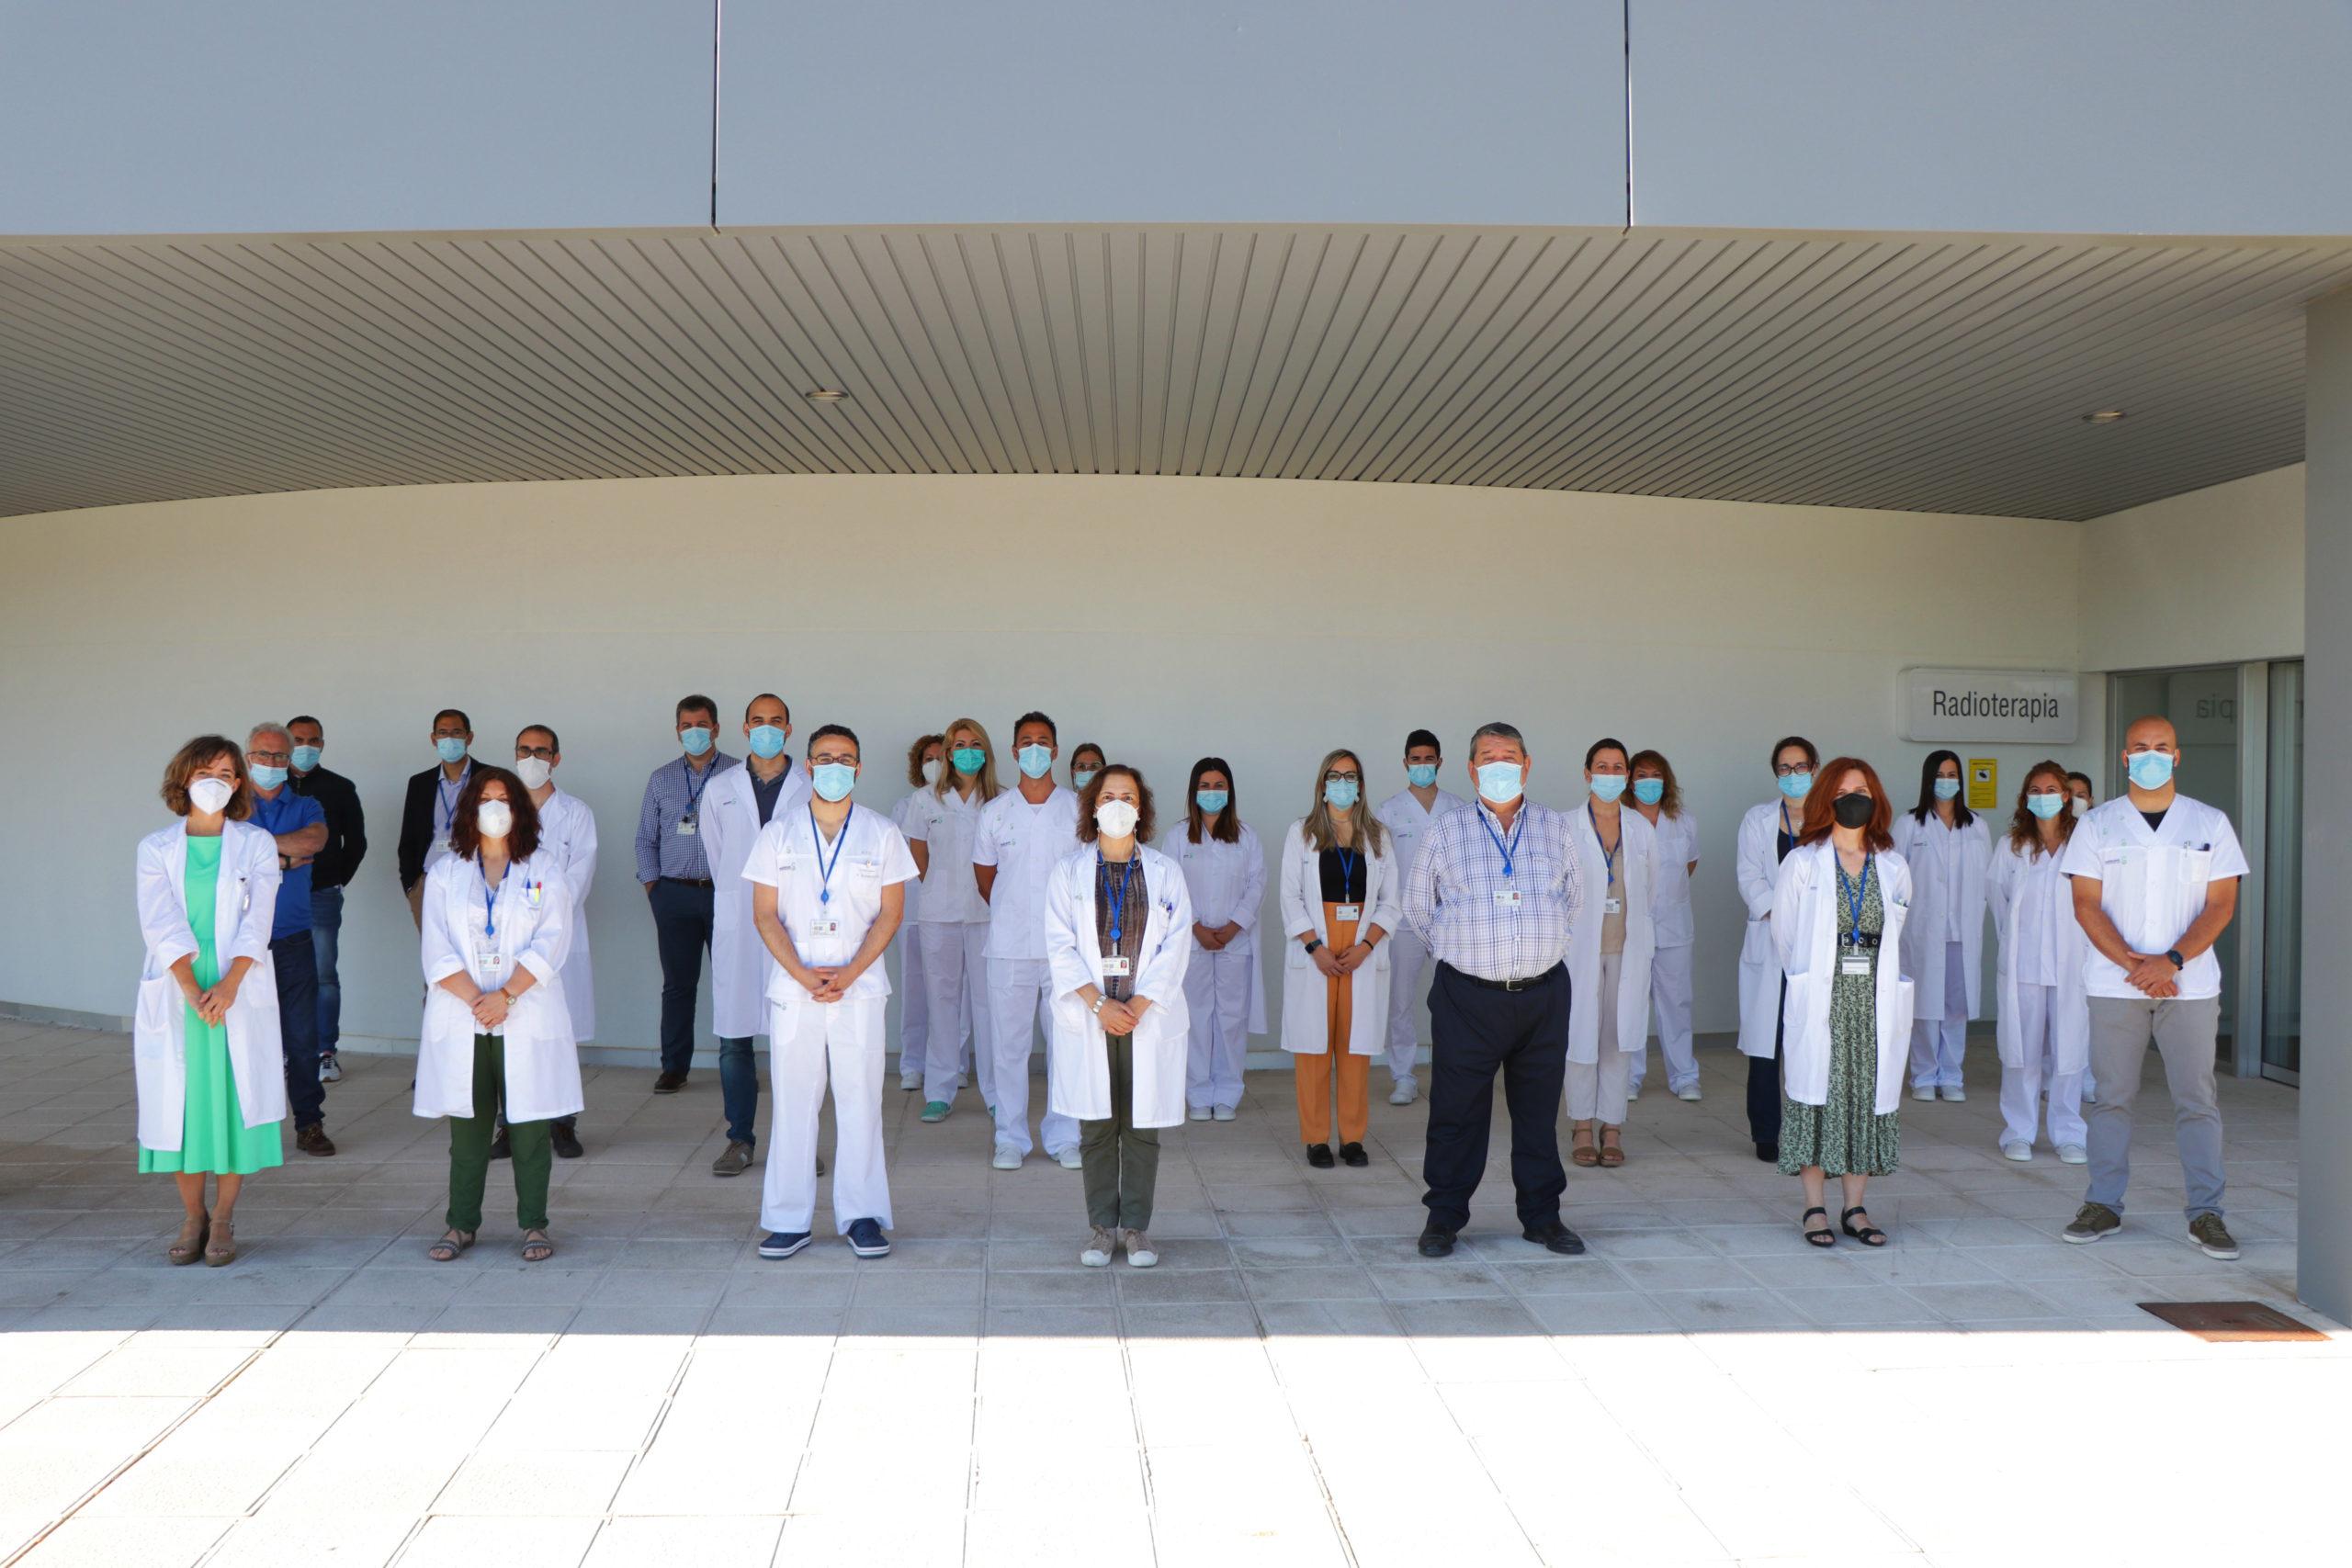 2021-6-24 FOTO Traslado Consultas Radioterapia 1